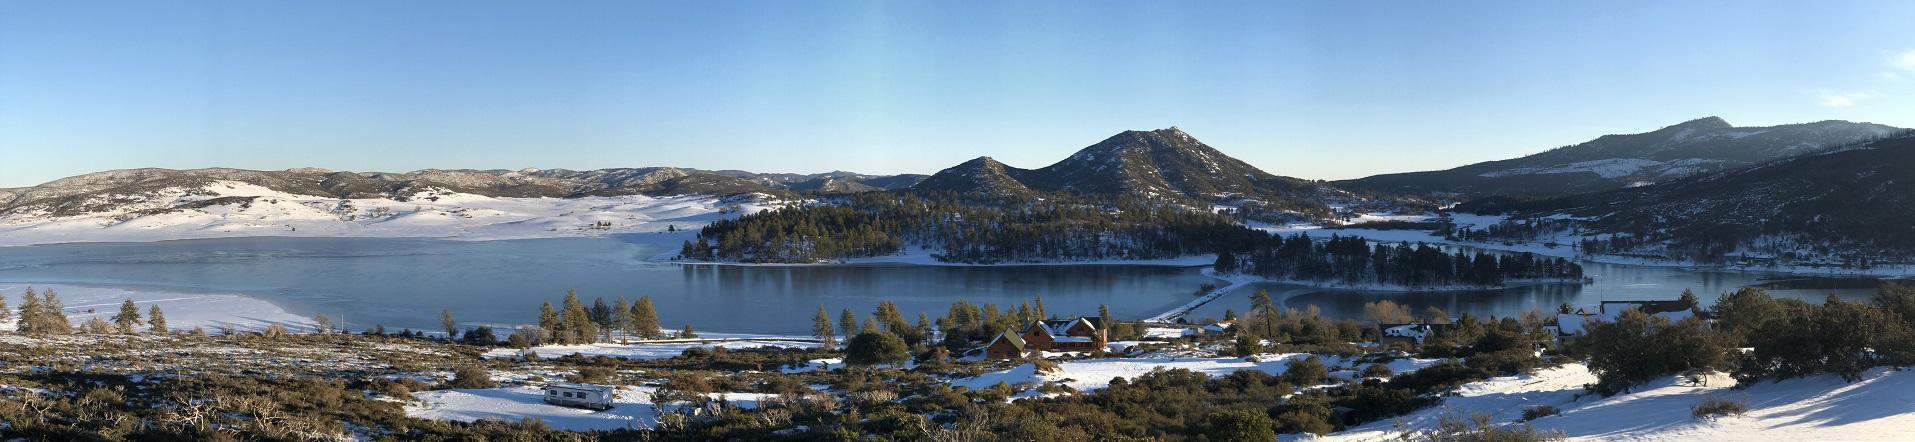 Snow lake scene